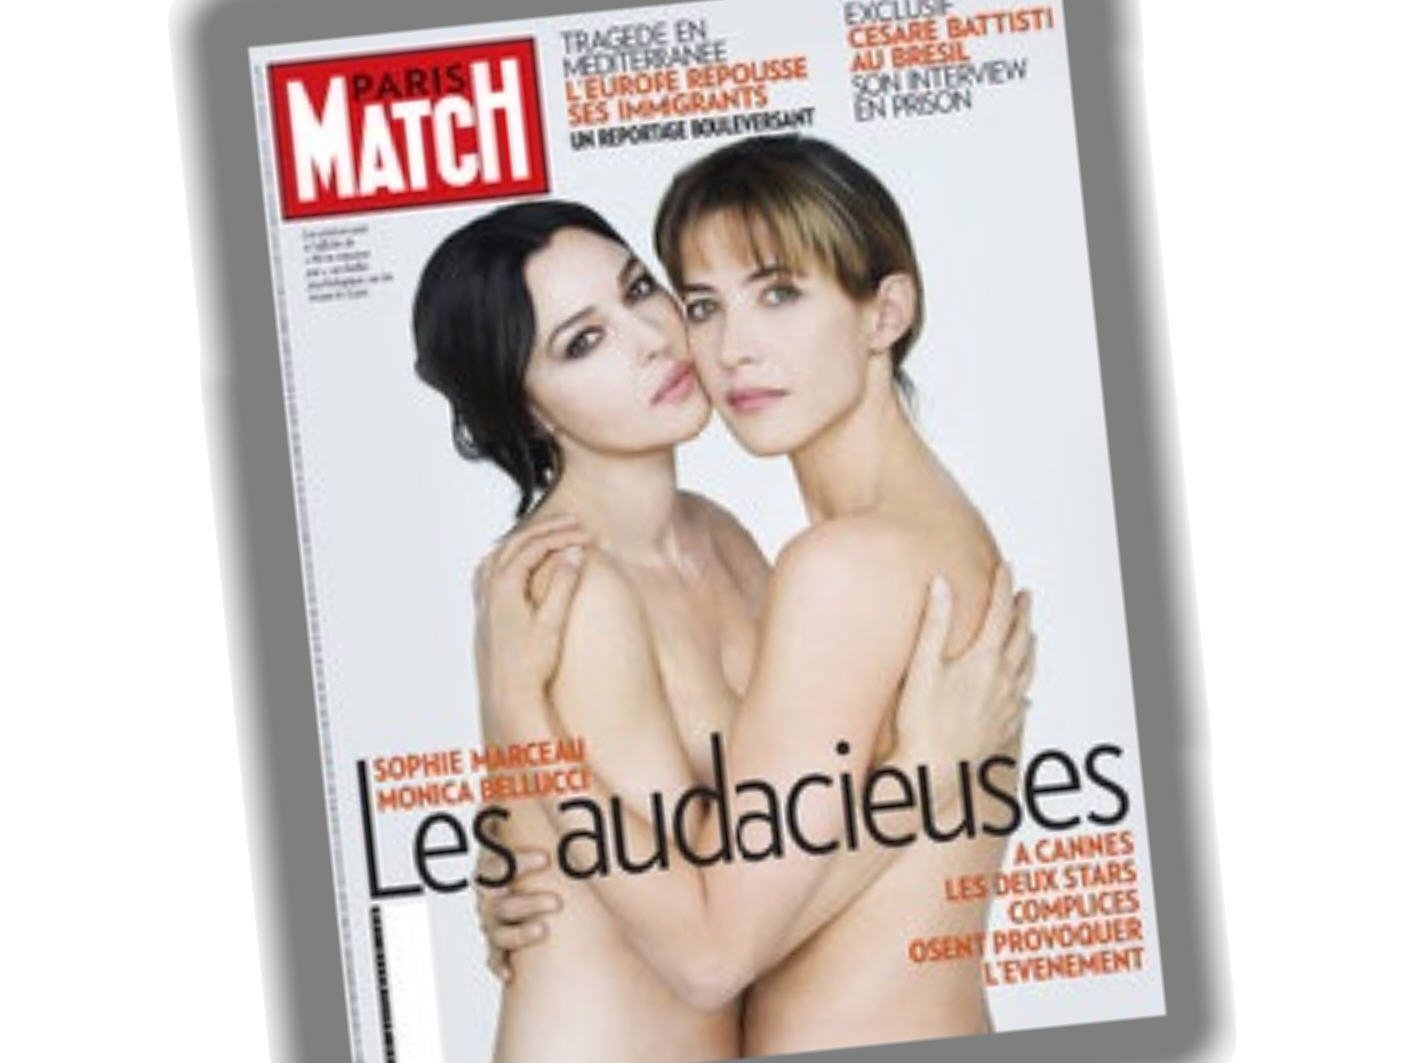 Monica+Bellucci+et+Sophie+Marceau+nues